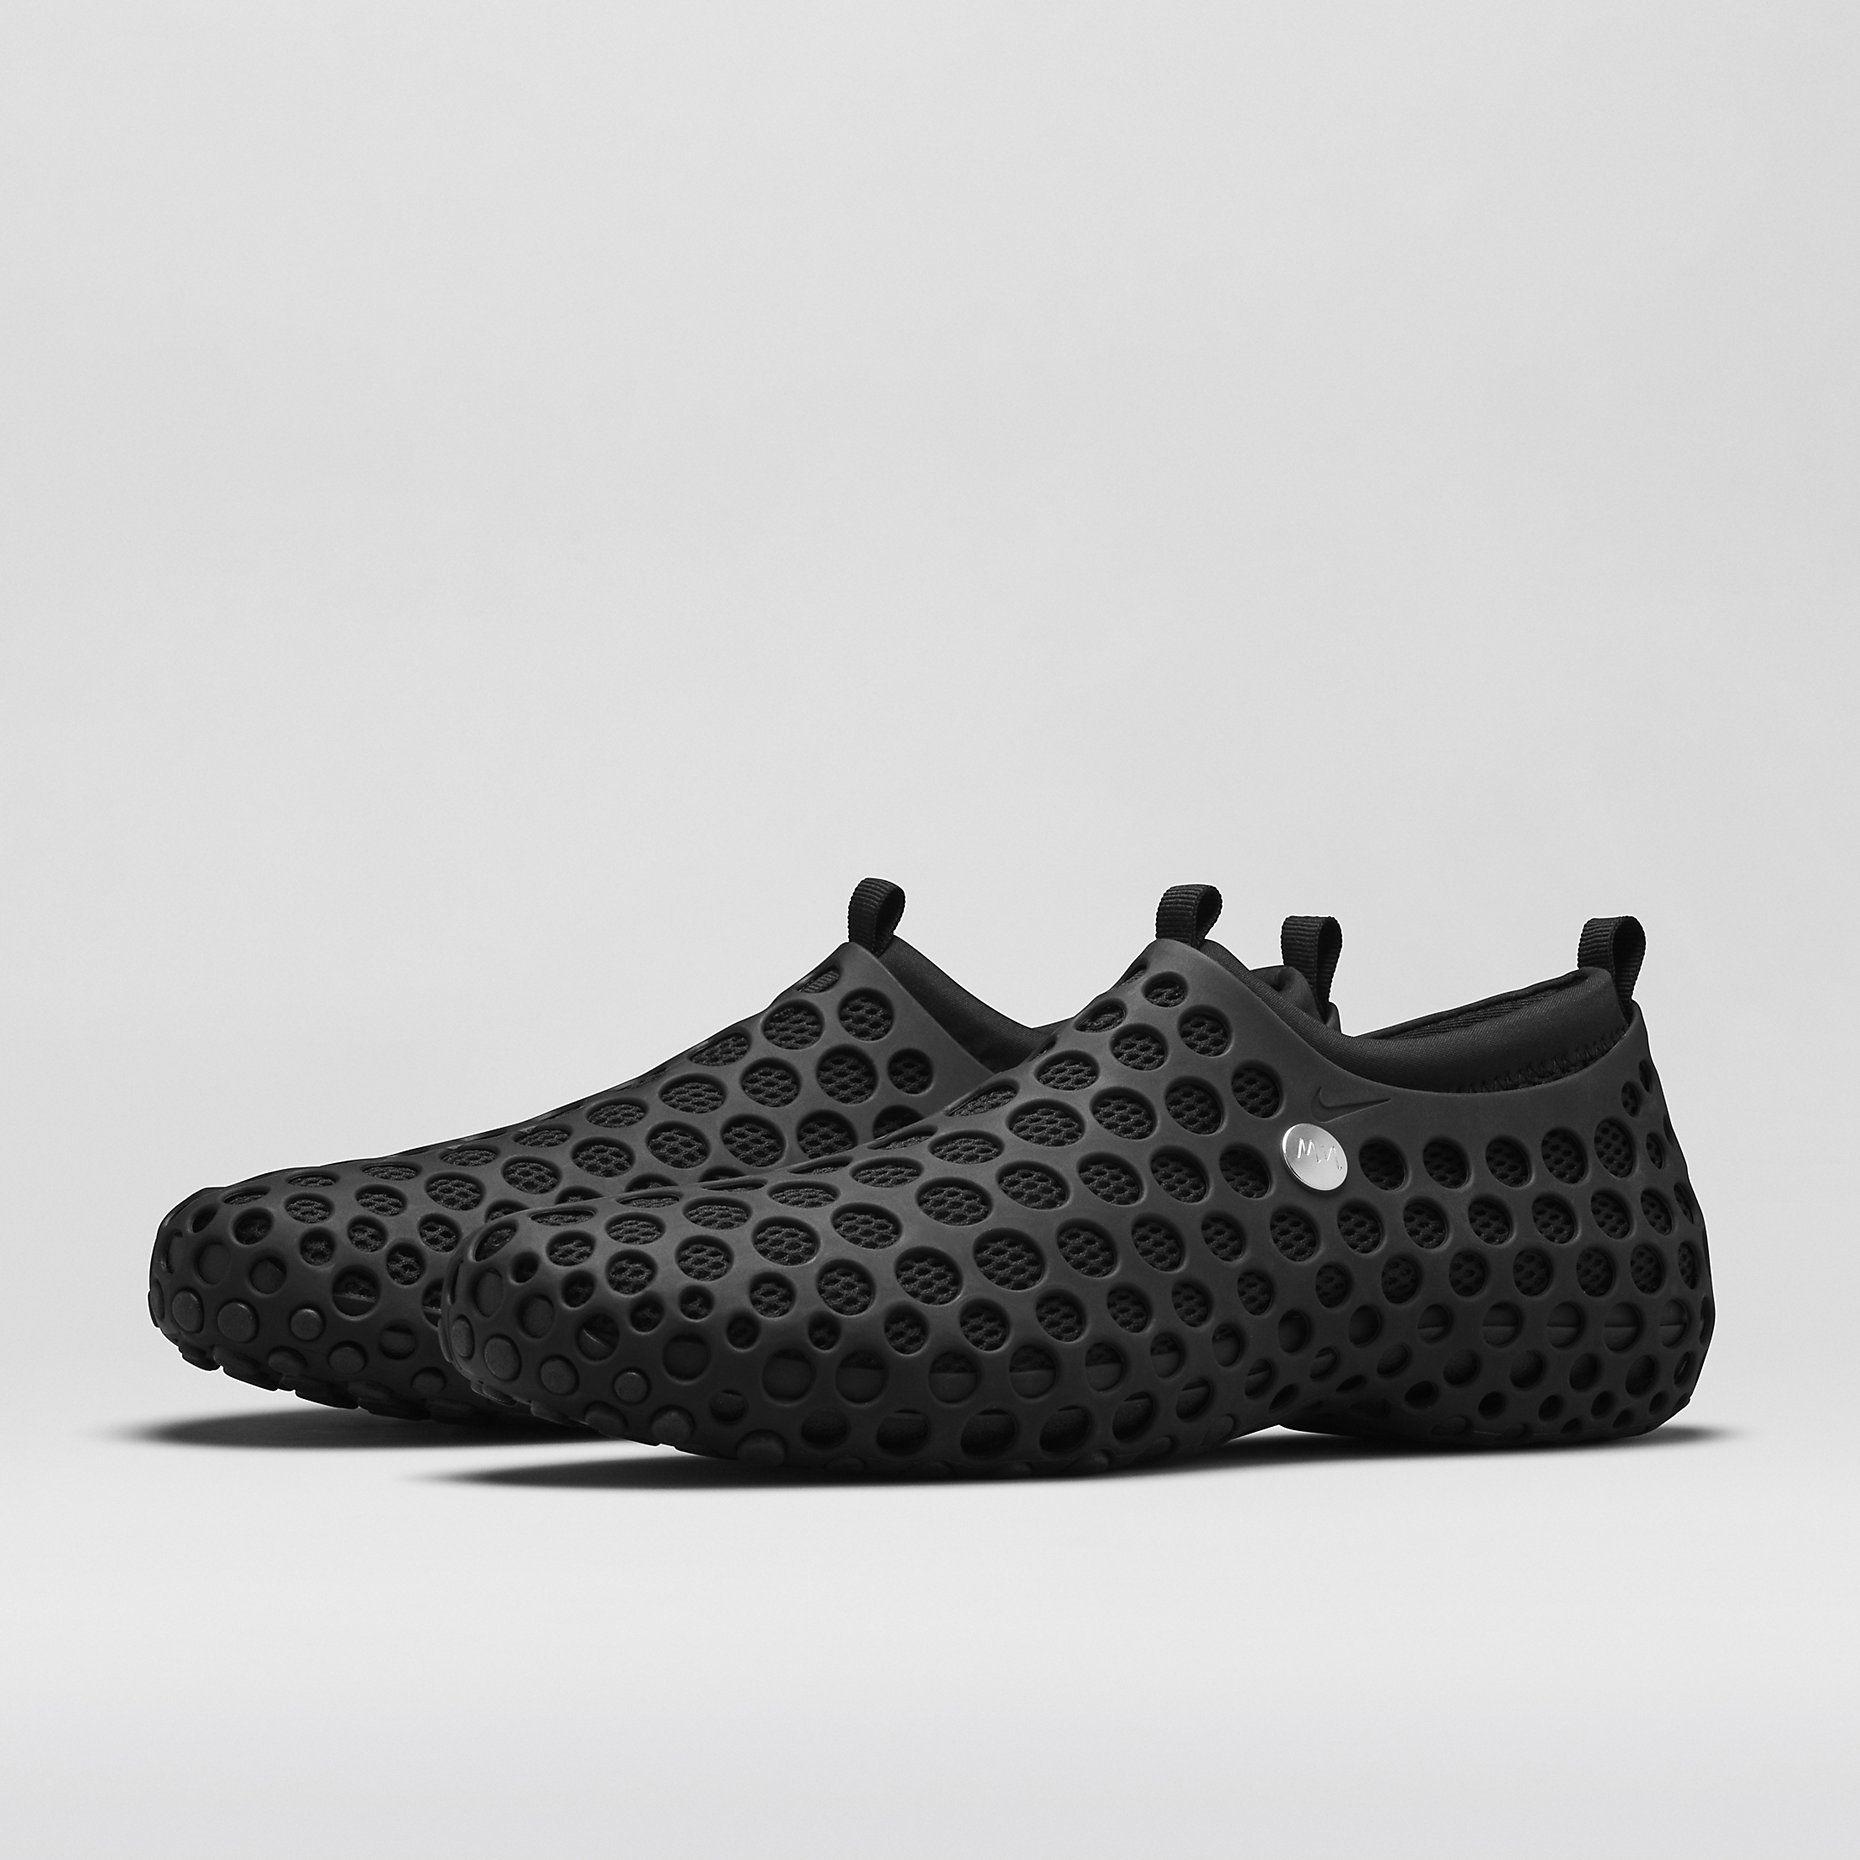 Nike Zvezdochka Unisex Shoe (Men's Sizing). Nike Store